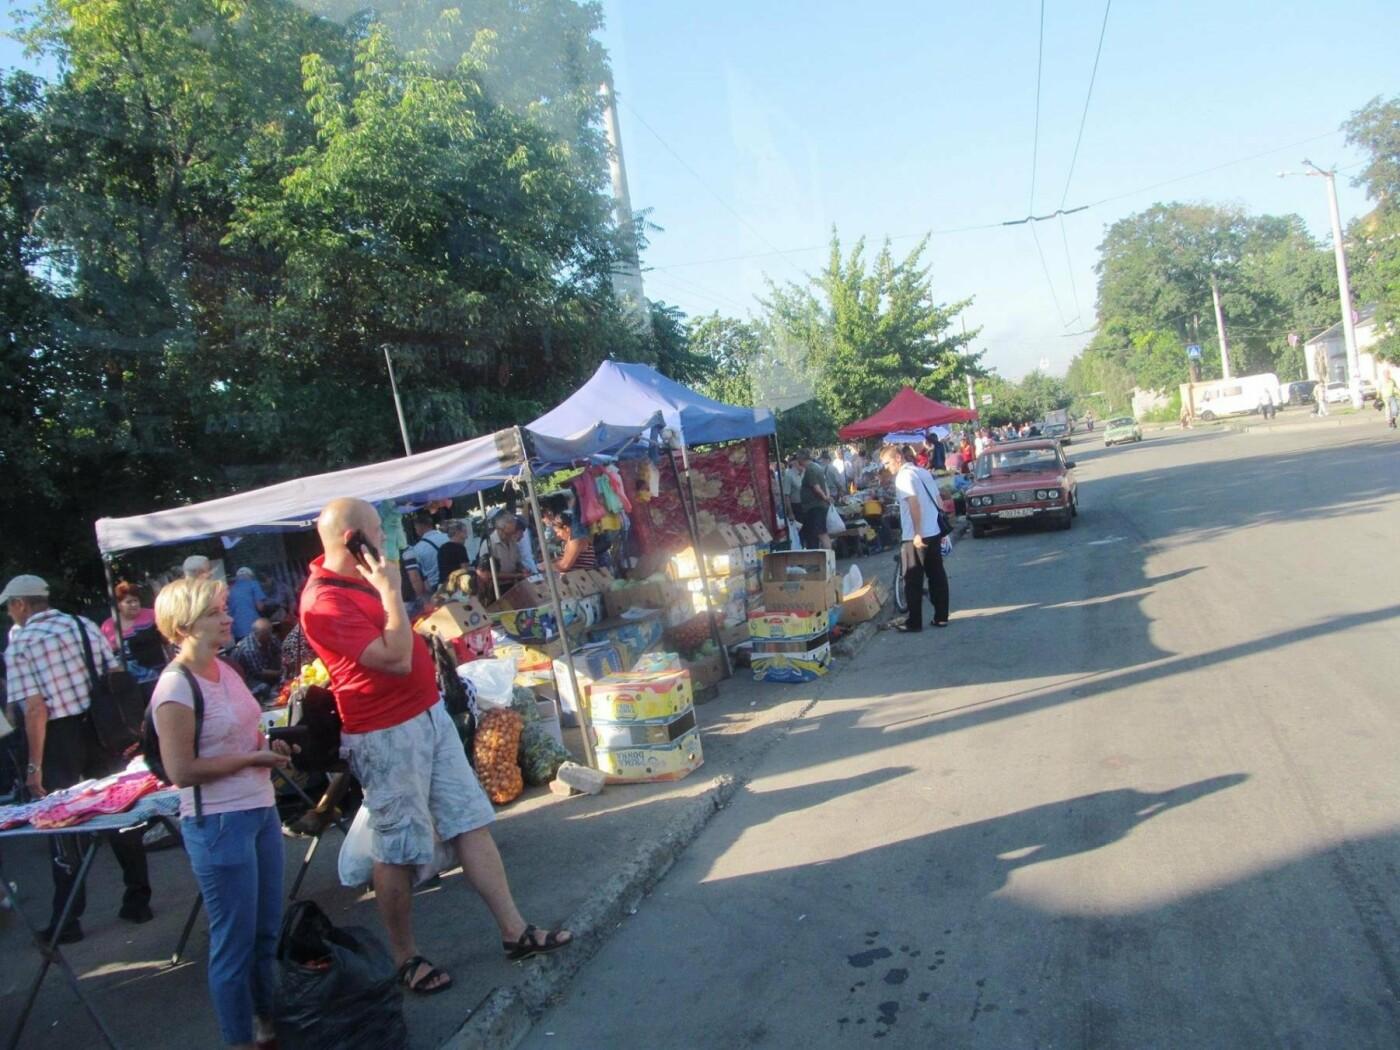 Базар-вокзал в Кривом Роге: Горожане предложили упорядочить стихийный рынок на Долгинцево, - ФОТО, фото-18